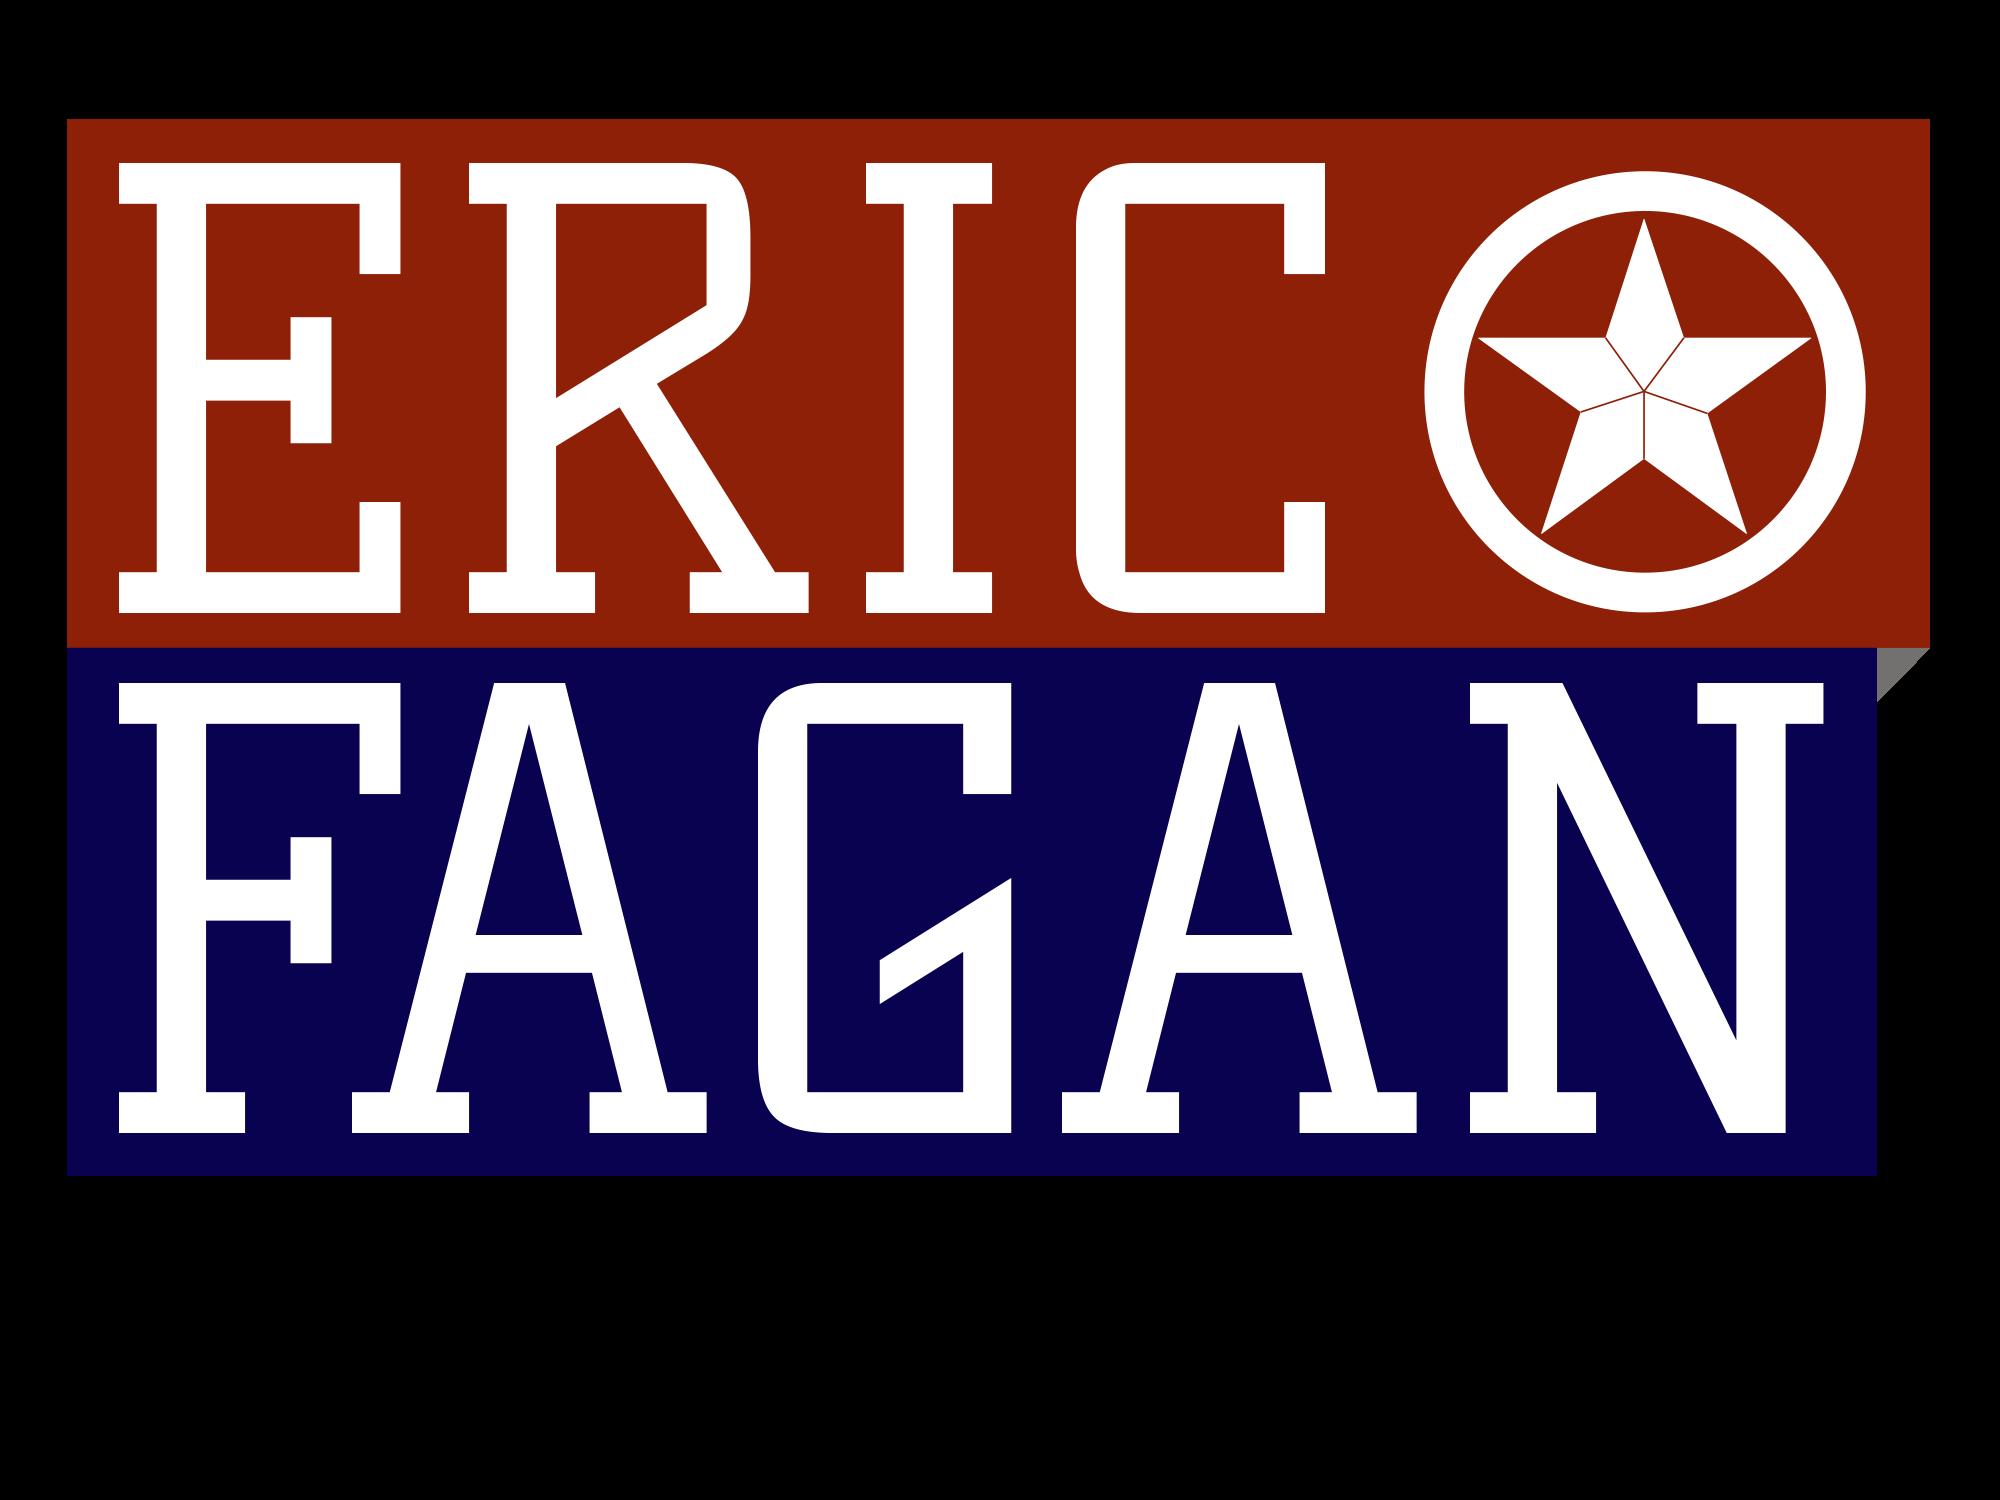 Eric Fagan